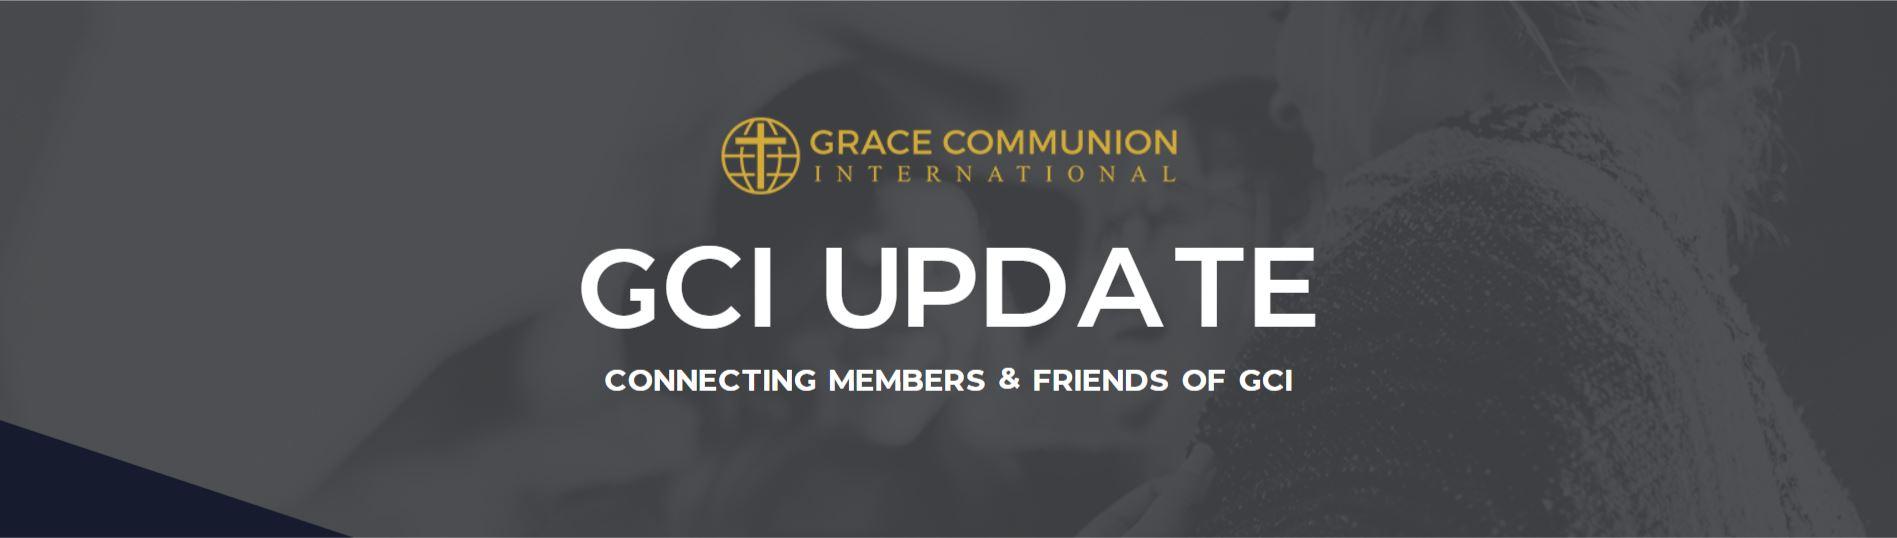 GCI Update